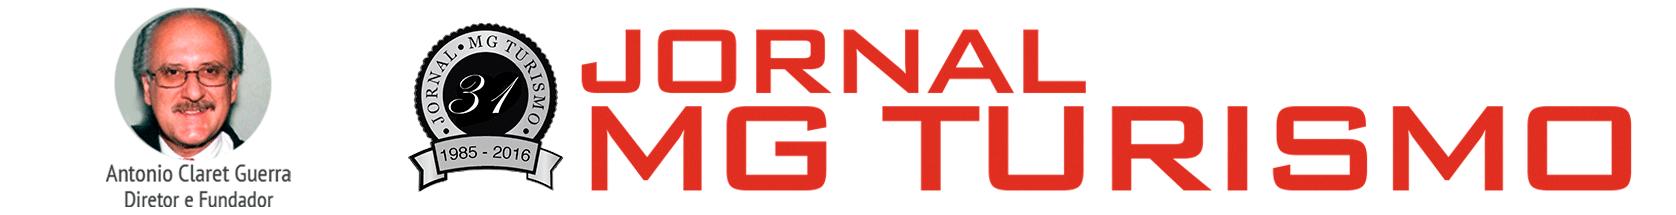 Jornal de Turismo Logo photo - 1